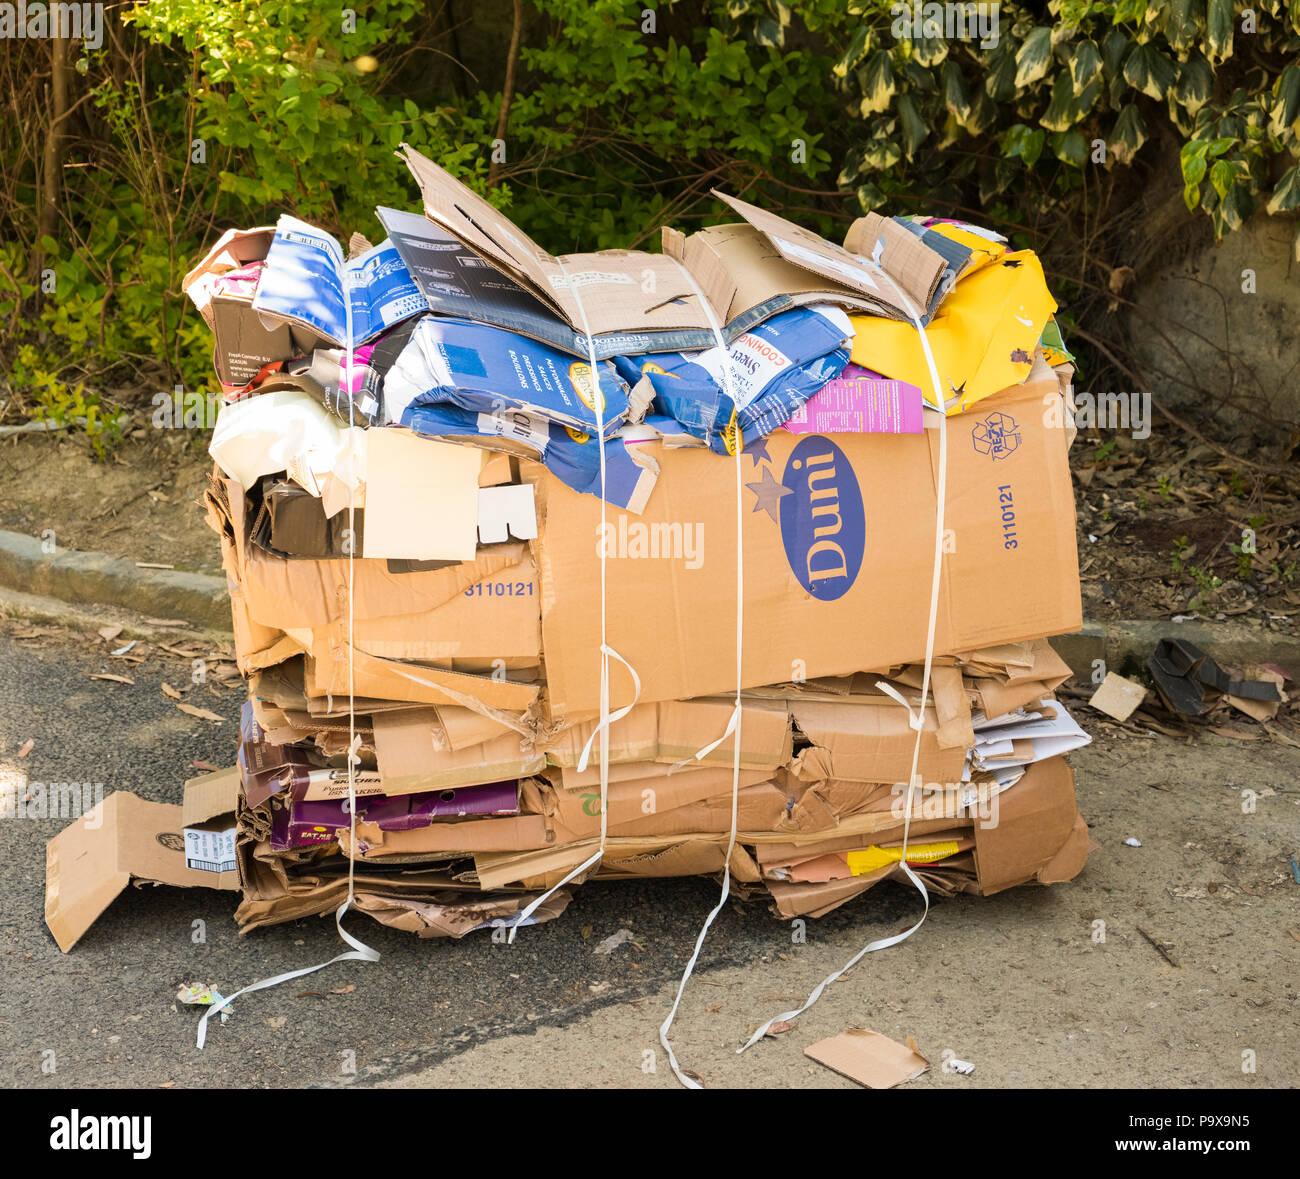 Kartons abgeflacht und für das Recycling Sammlung gestapelt, England Großbritannien Stockbild